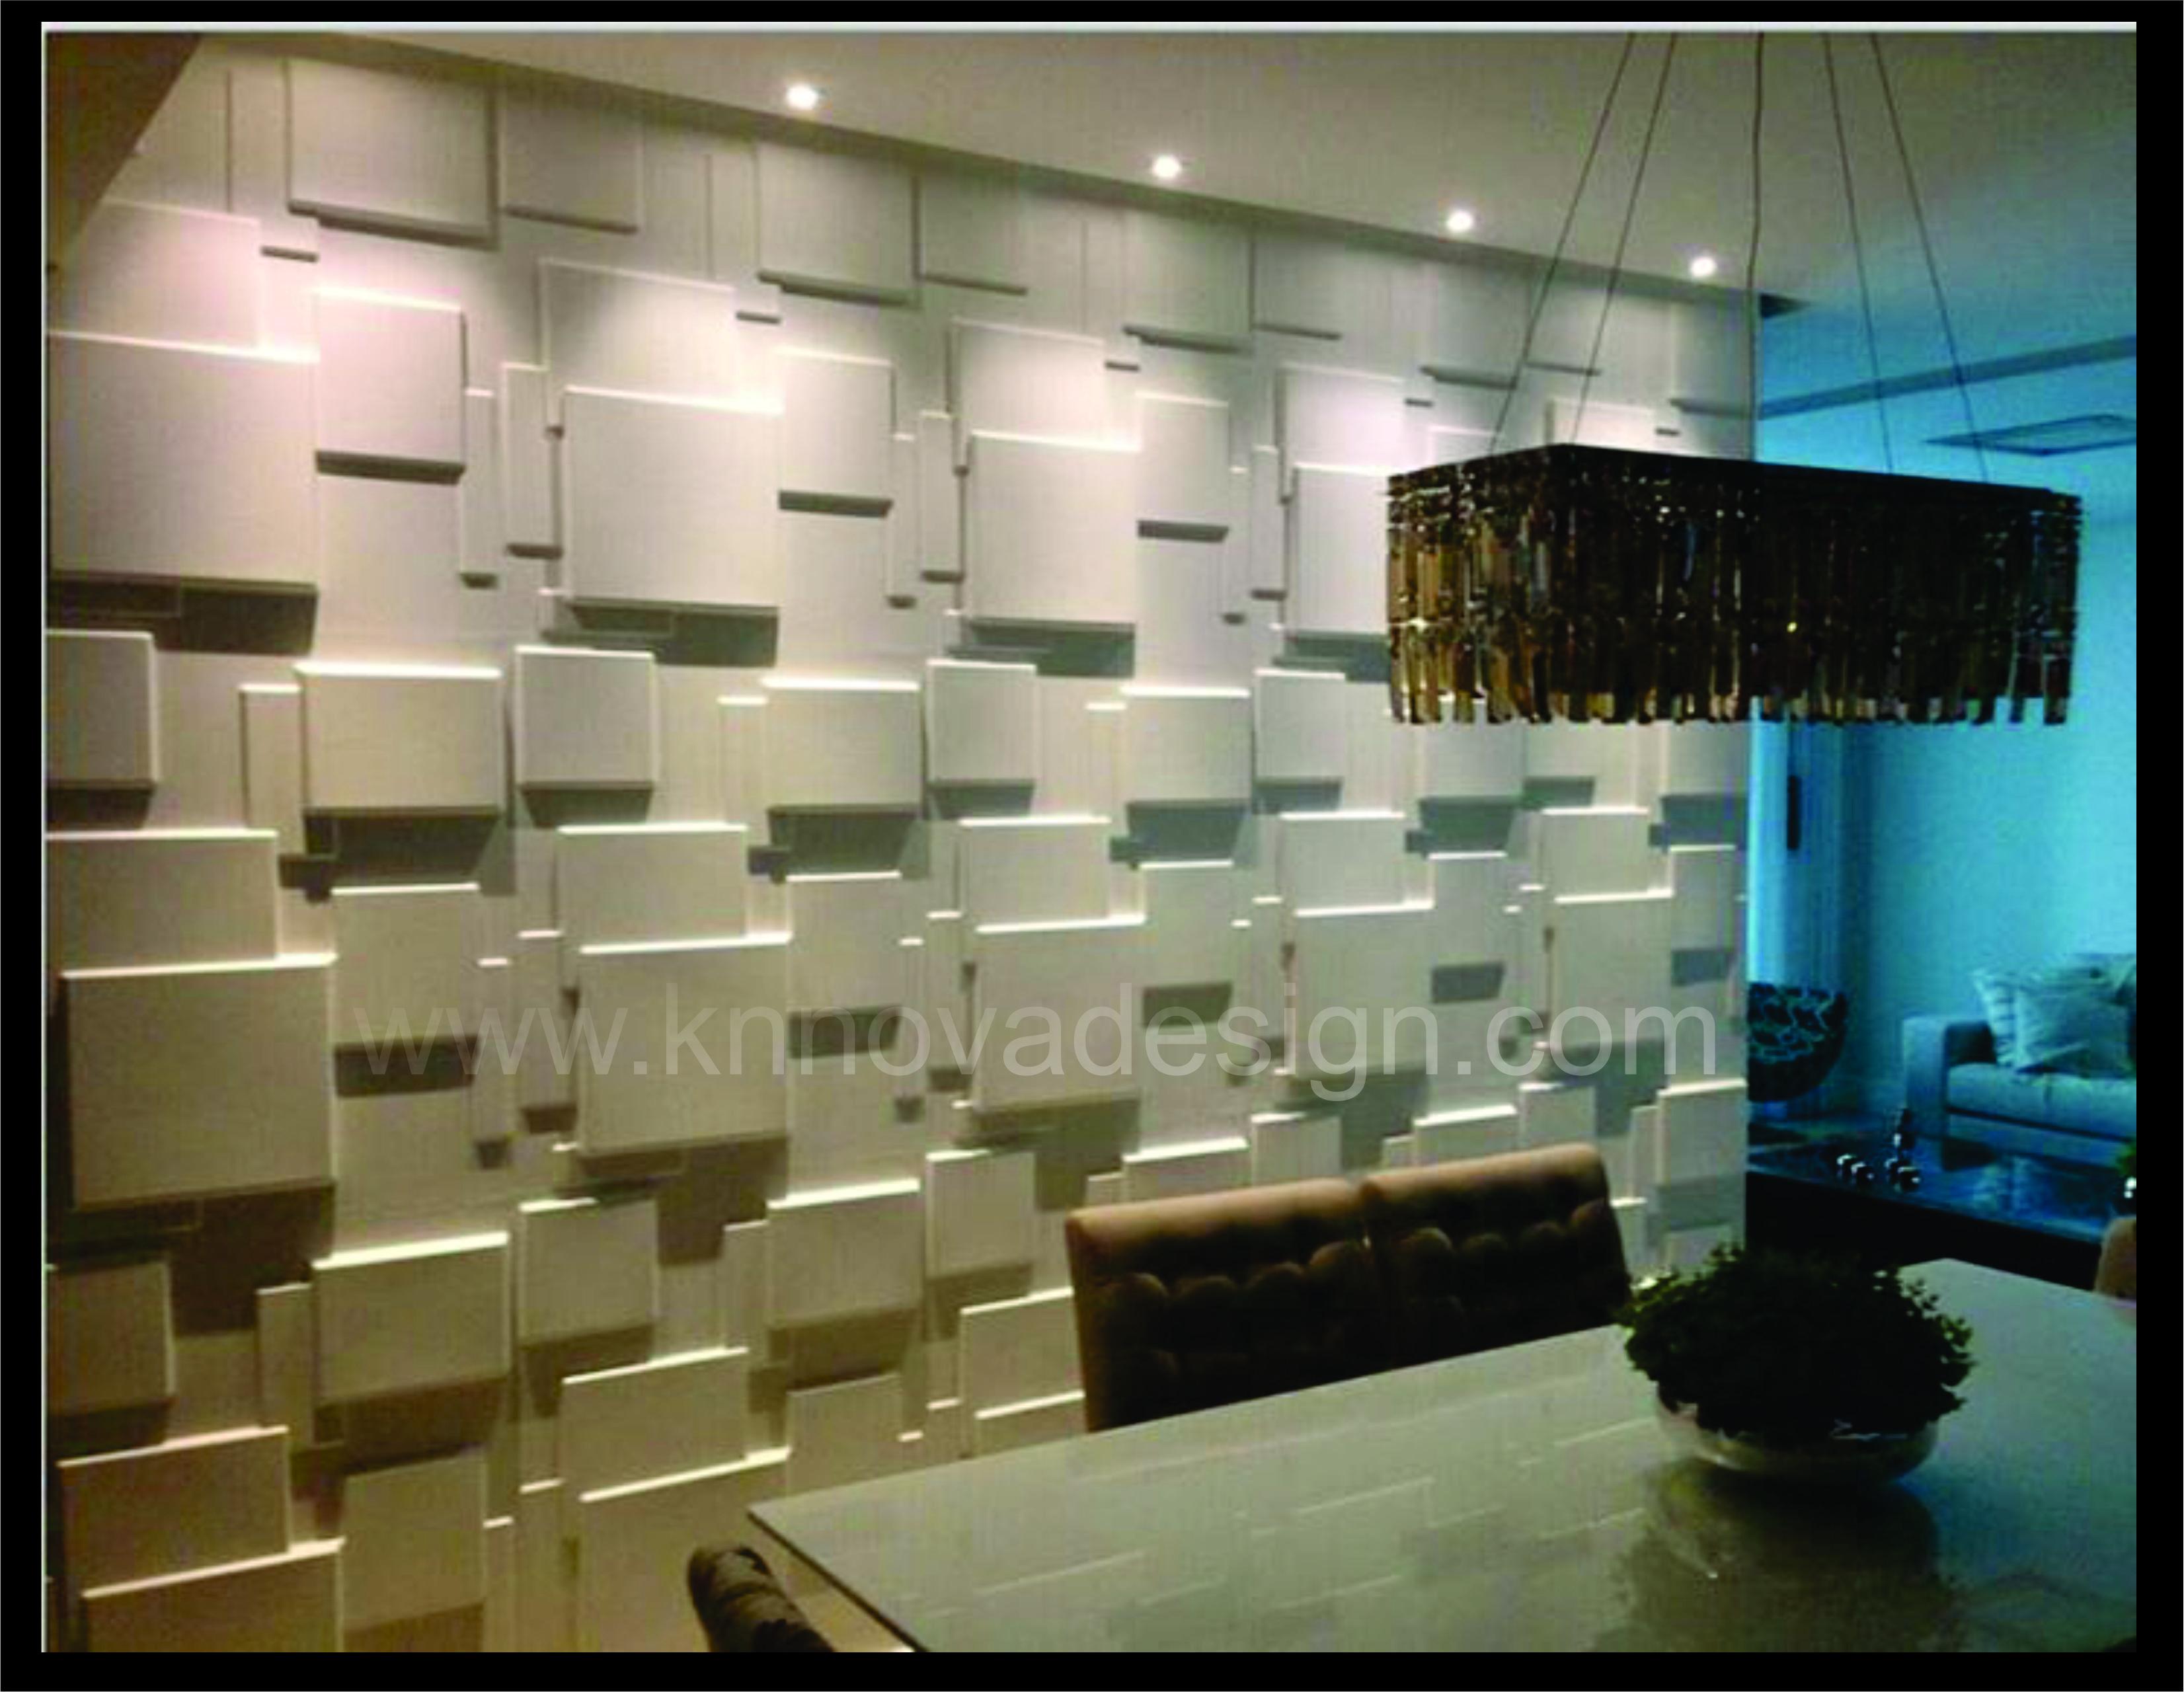 Paneles de muro para decoración de interiores. Acabado interior con paneles de muro